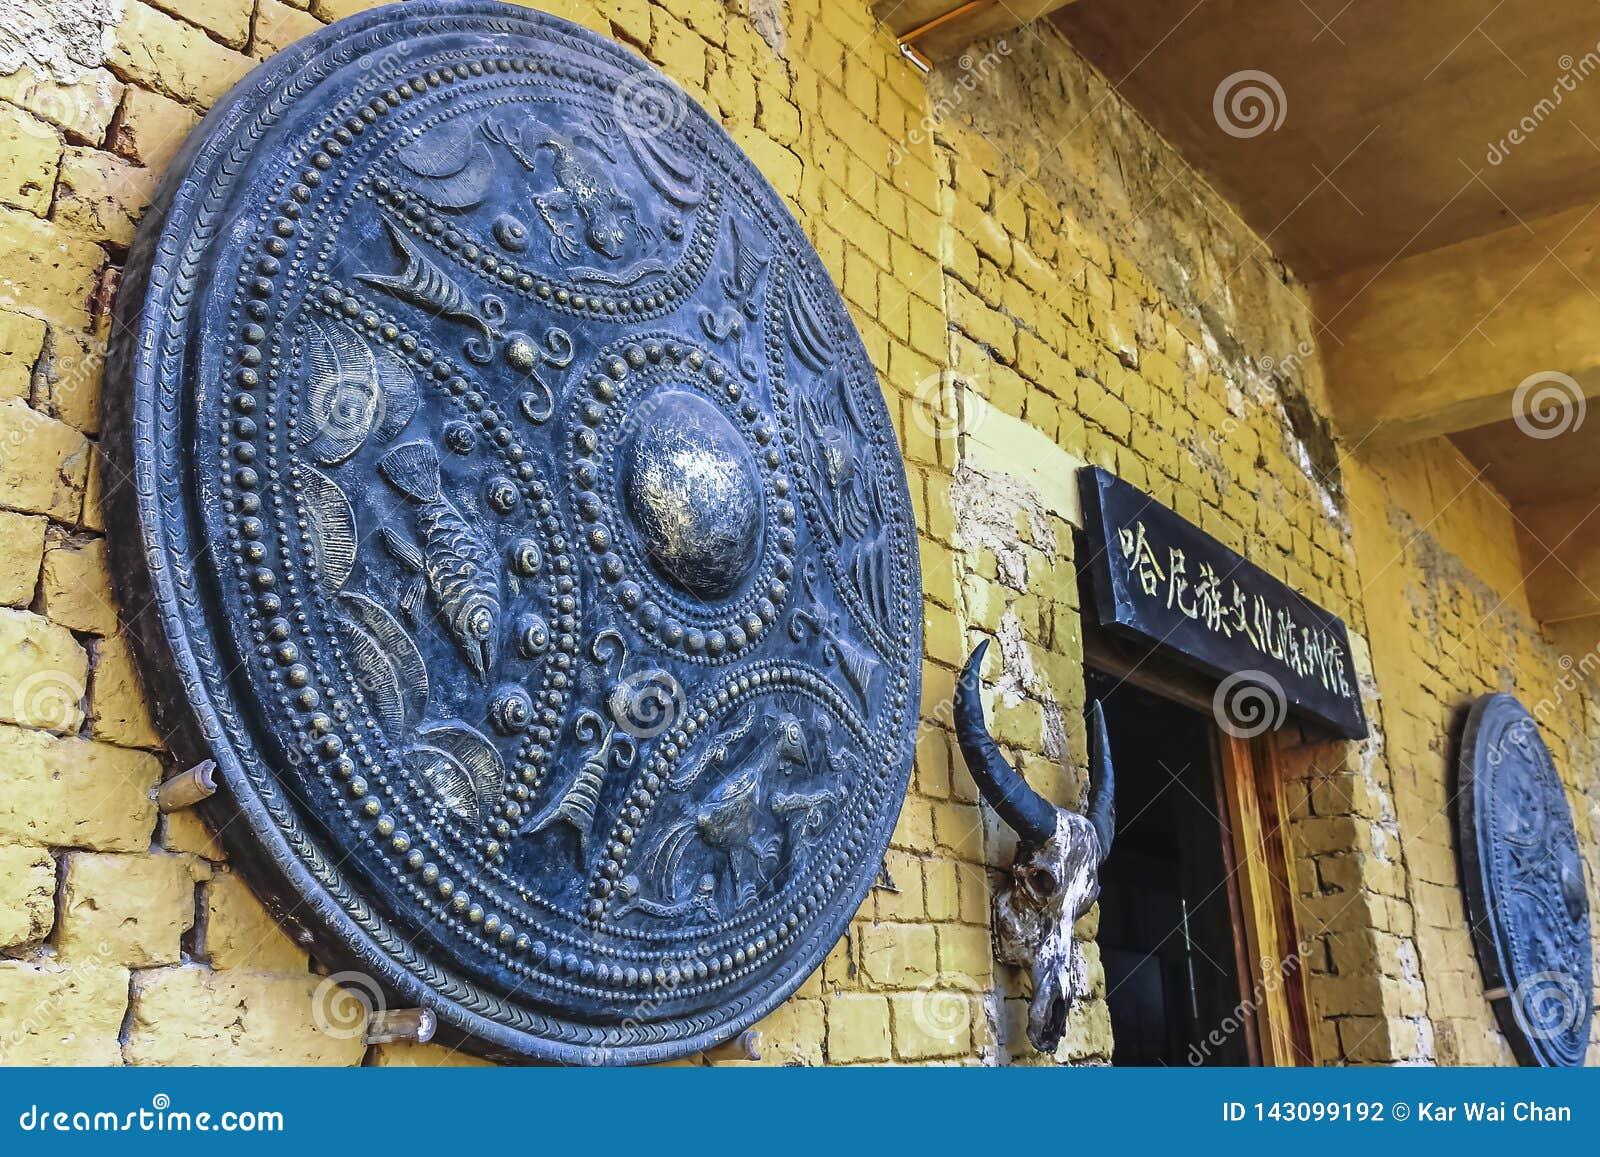 Le bouclier et la tête en bronze géants de chèvres décore la façade de la maison dans Yuanyang